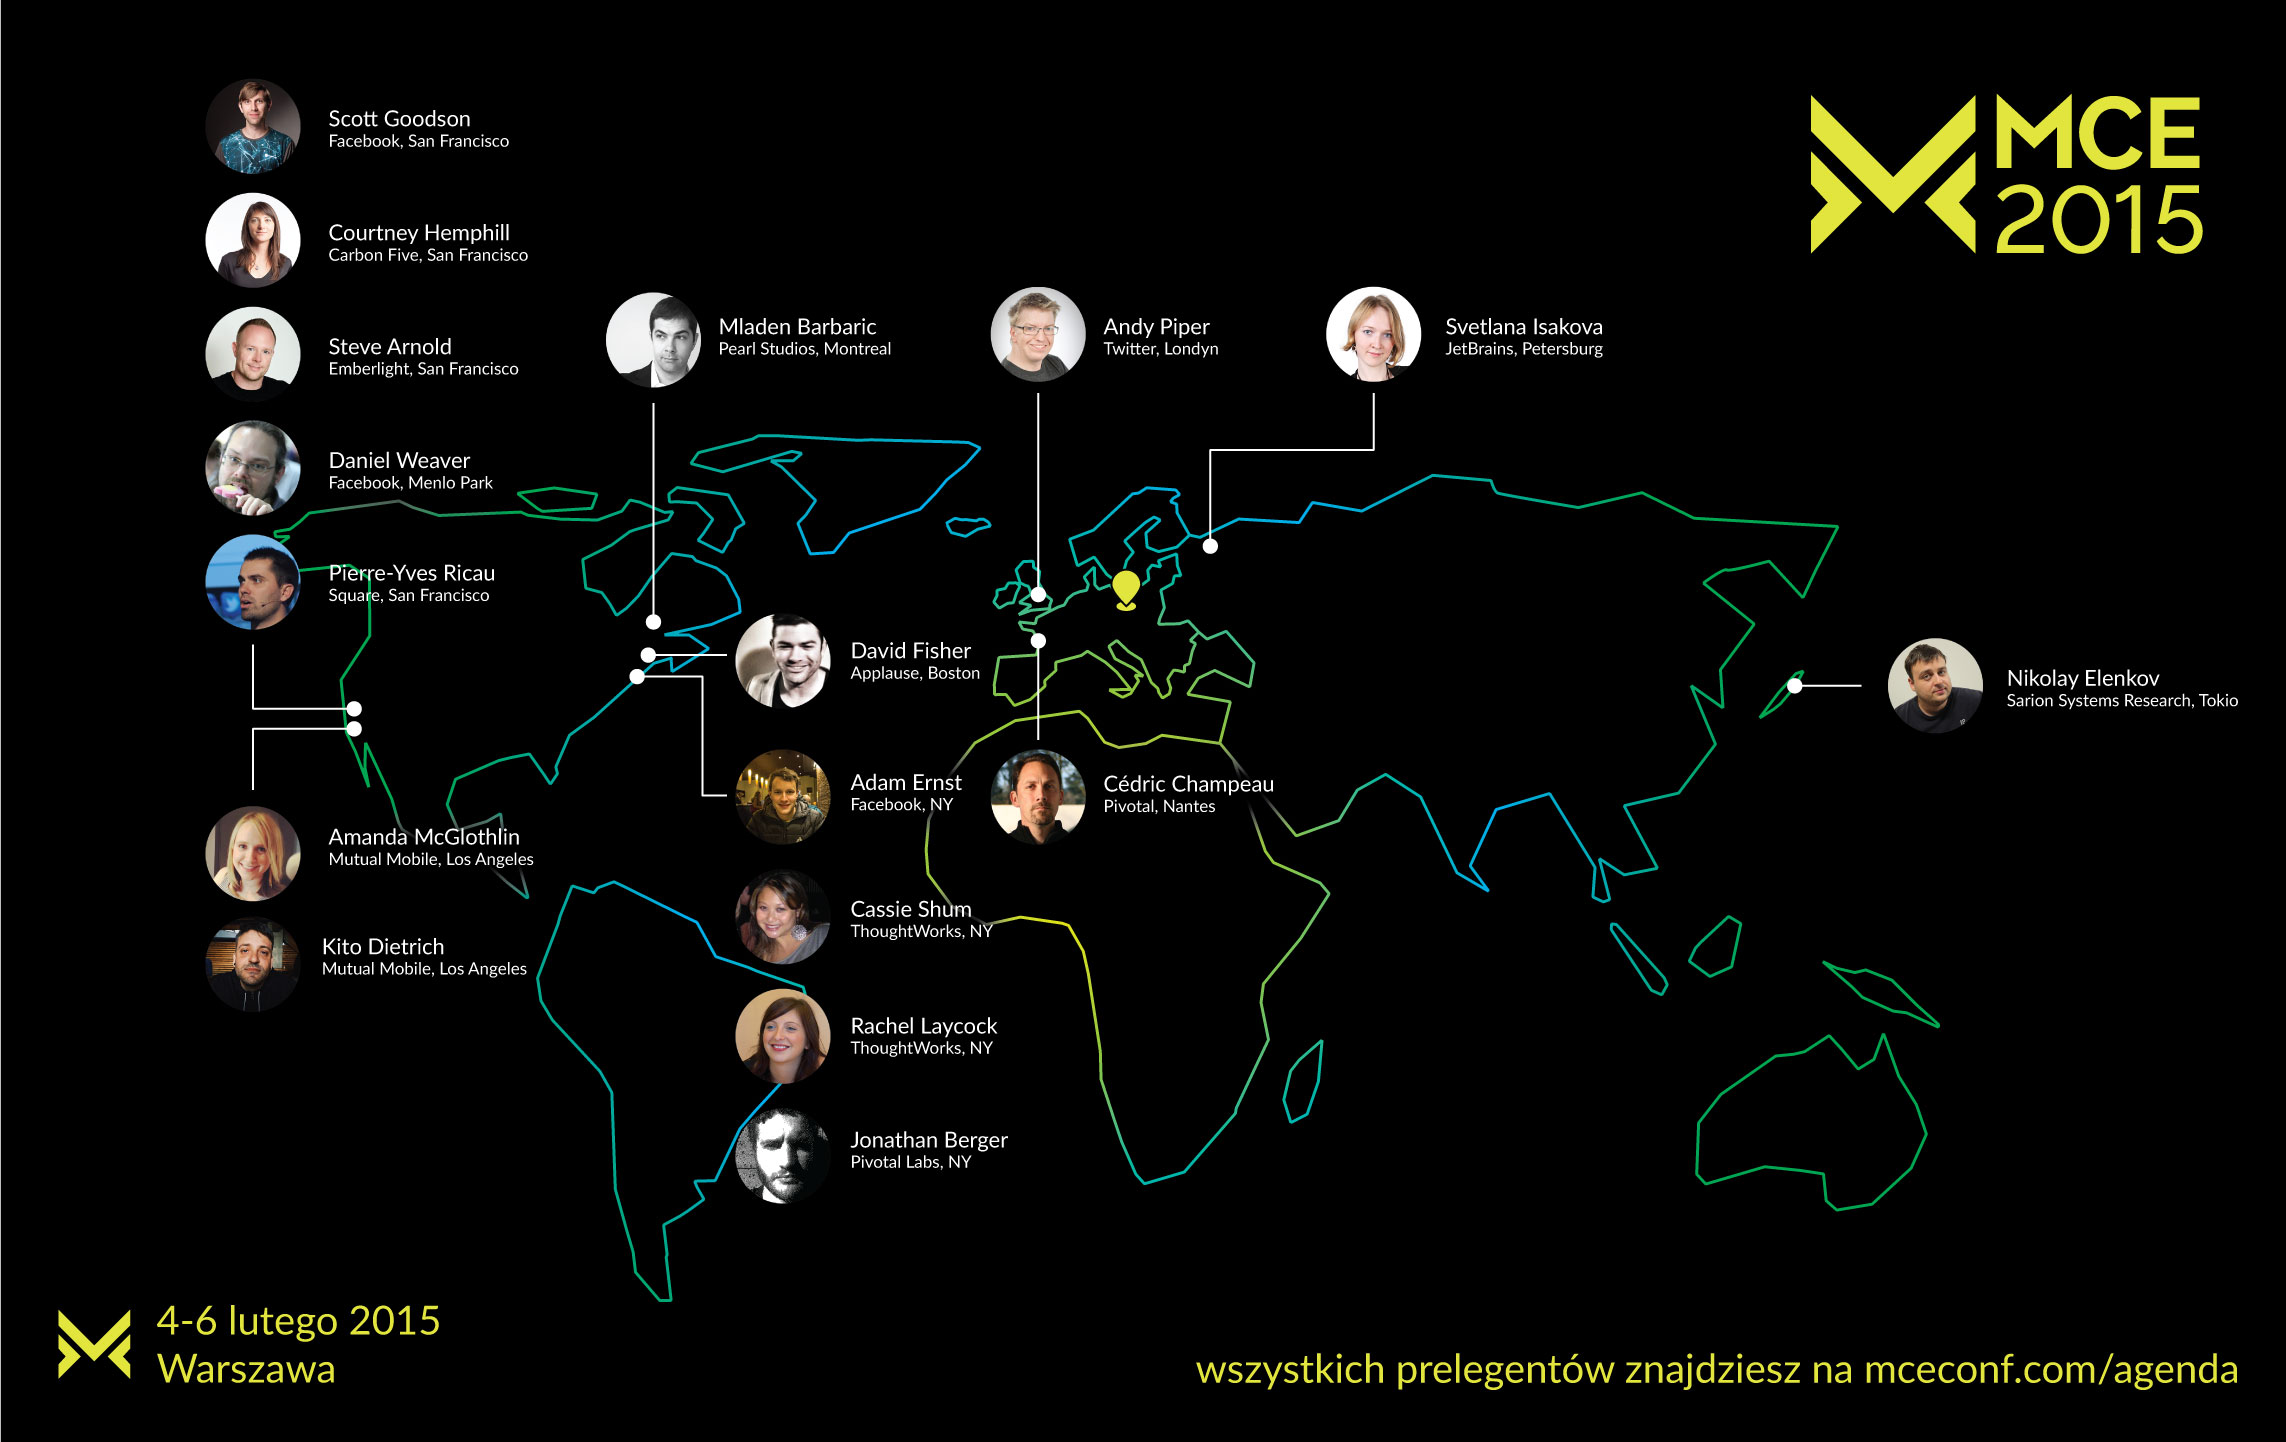 MCE 2015 już w lutym w Warszawie!